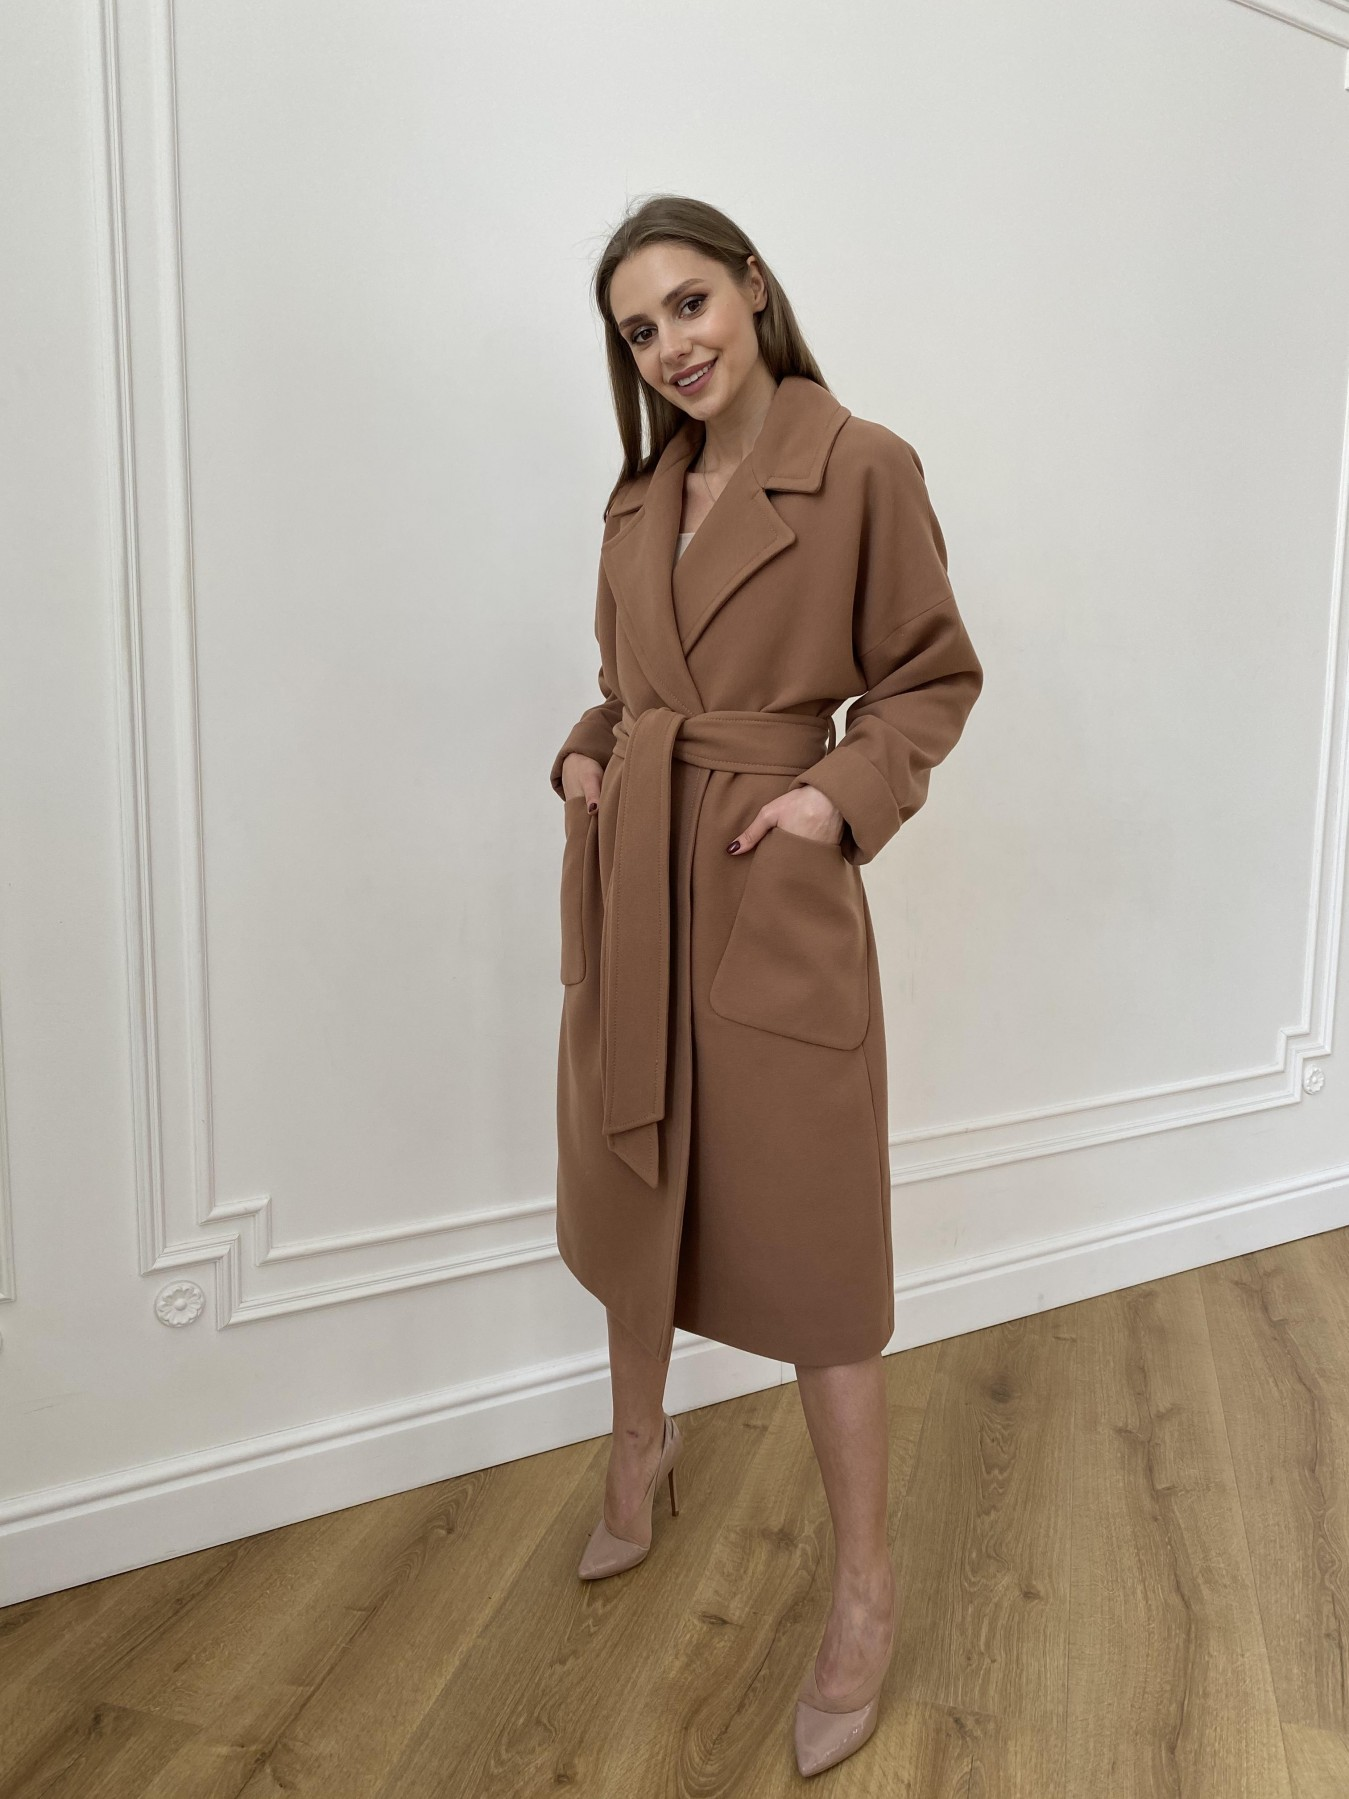 Кейт  пальто из кашемира 10539 АРТ. 47460 Цвет: Кемел Темный 8442 - фото 4, интернет магазин tm-modus.ru